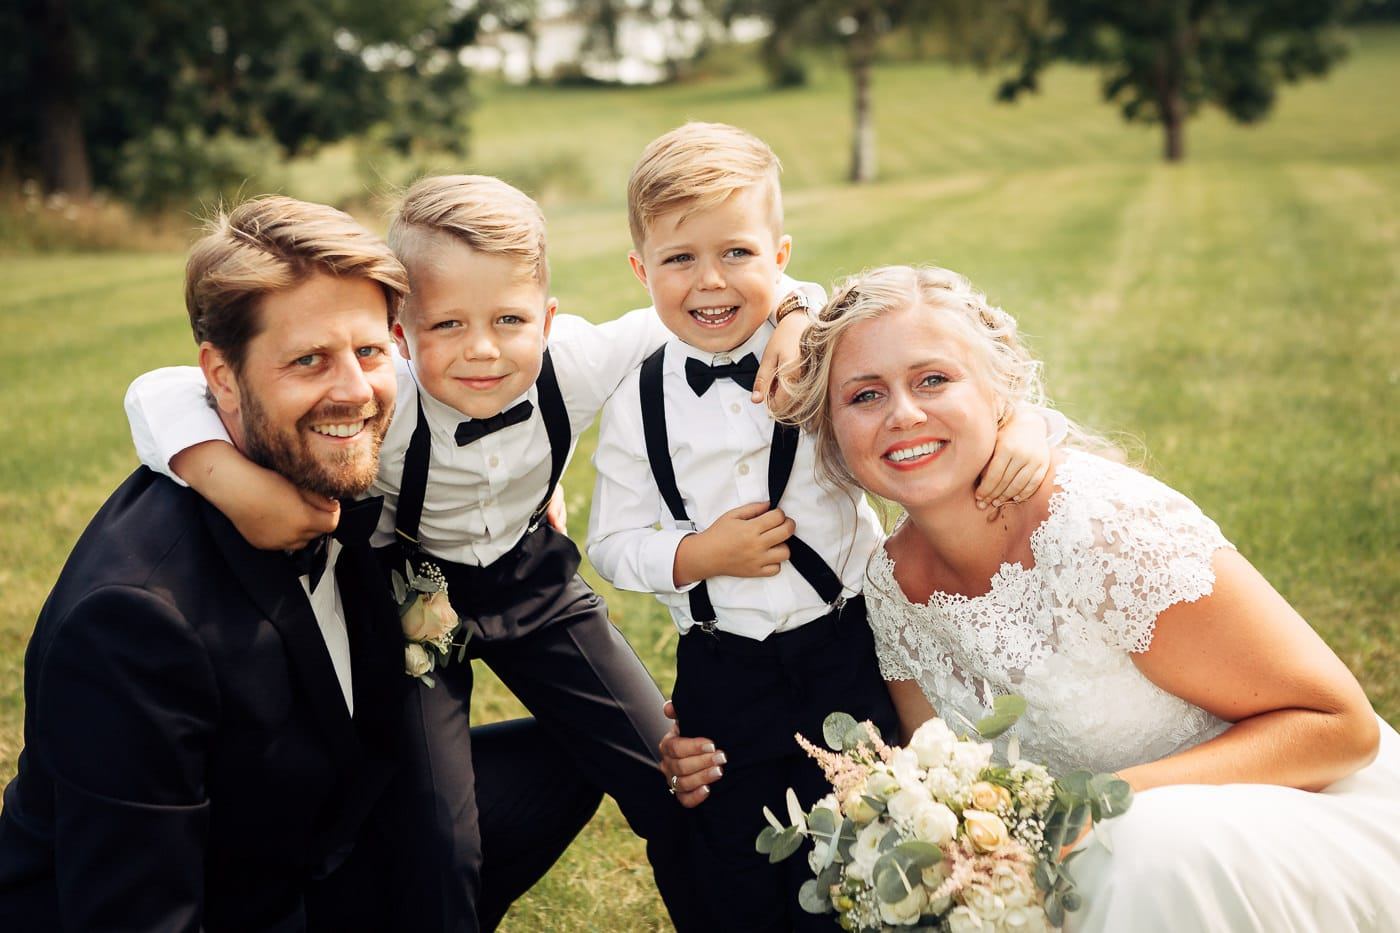 Linn & Frank - rørende og vakkert låvebryllup i Minnesund Bryllupsbilder Minnesund Eidsvoll 34 Brudepar